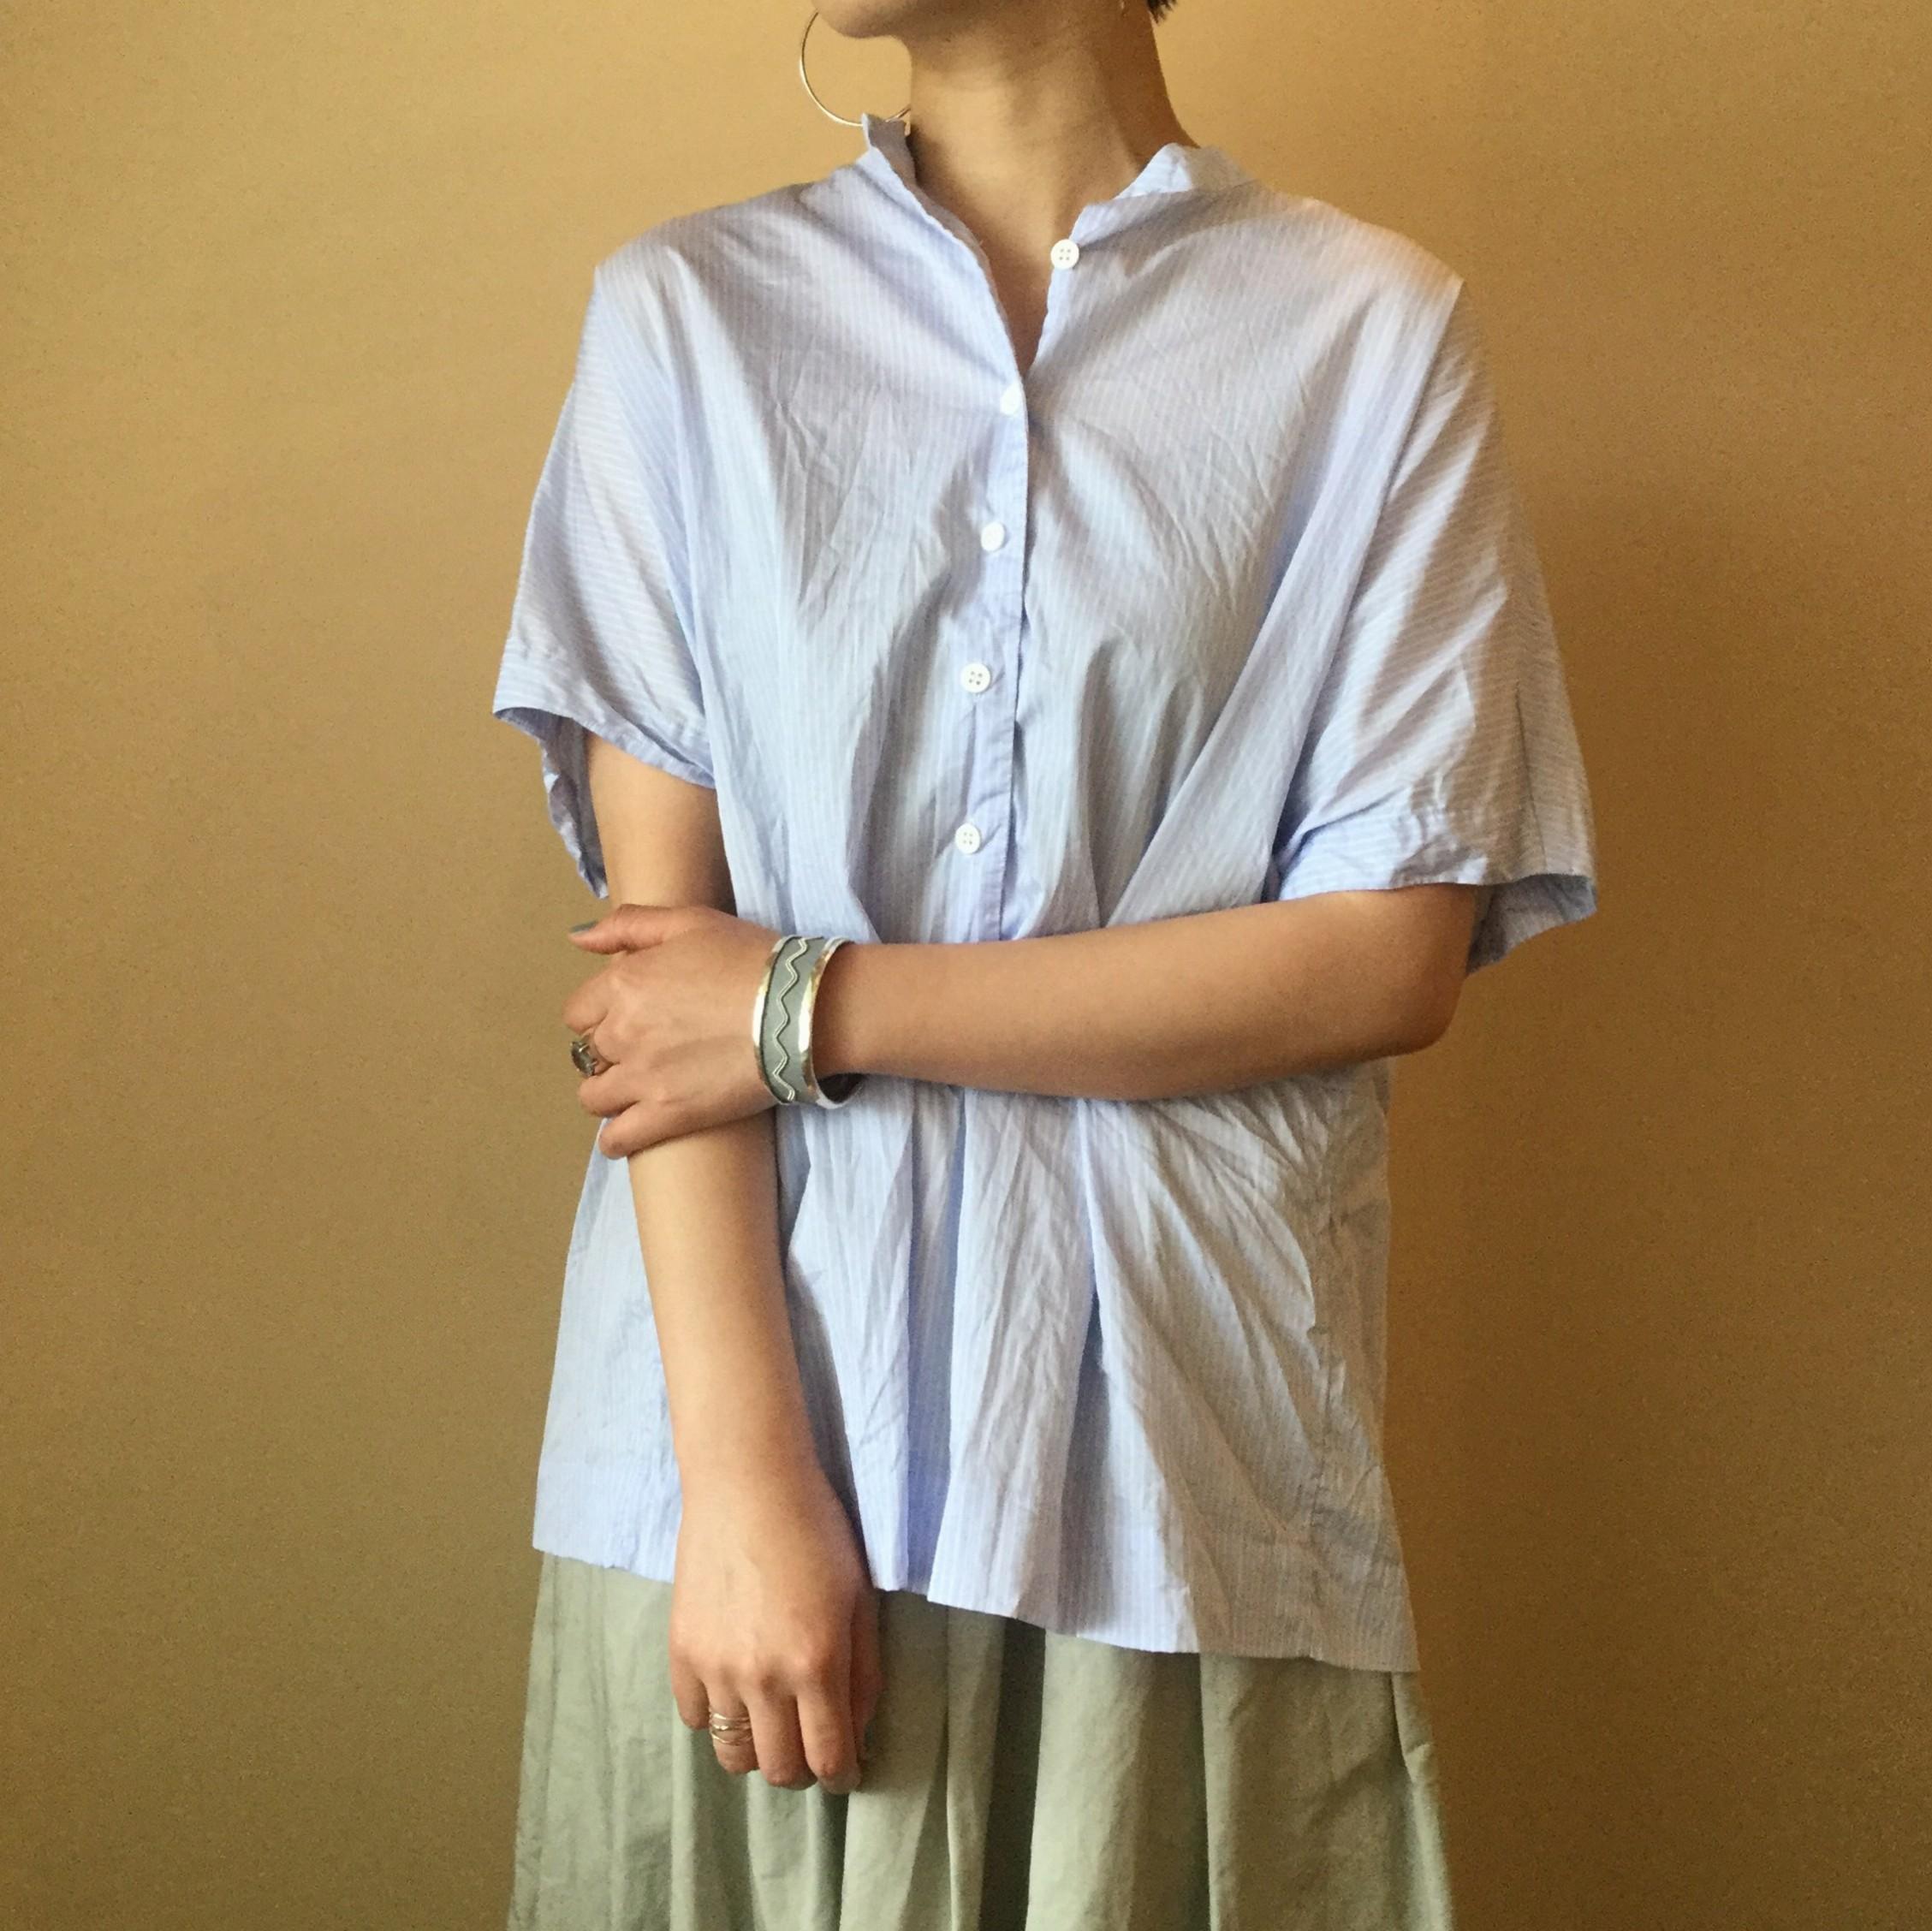 春夏caseycasey(ケーシーケーシー)のエアエイジおすすめのストライププルオーバーシャツです